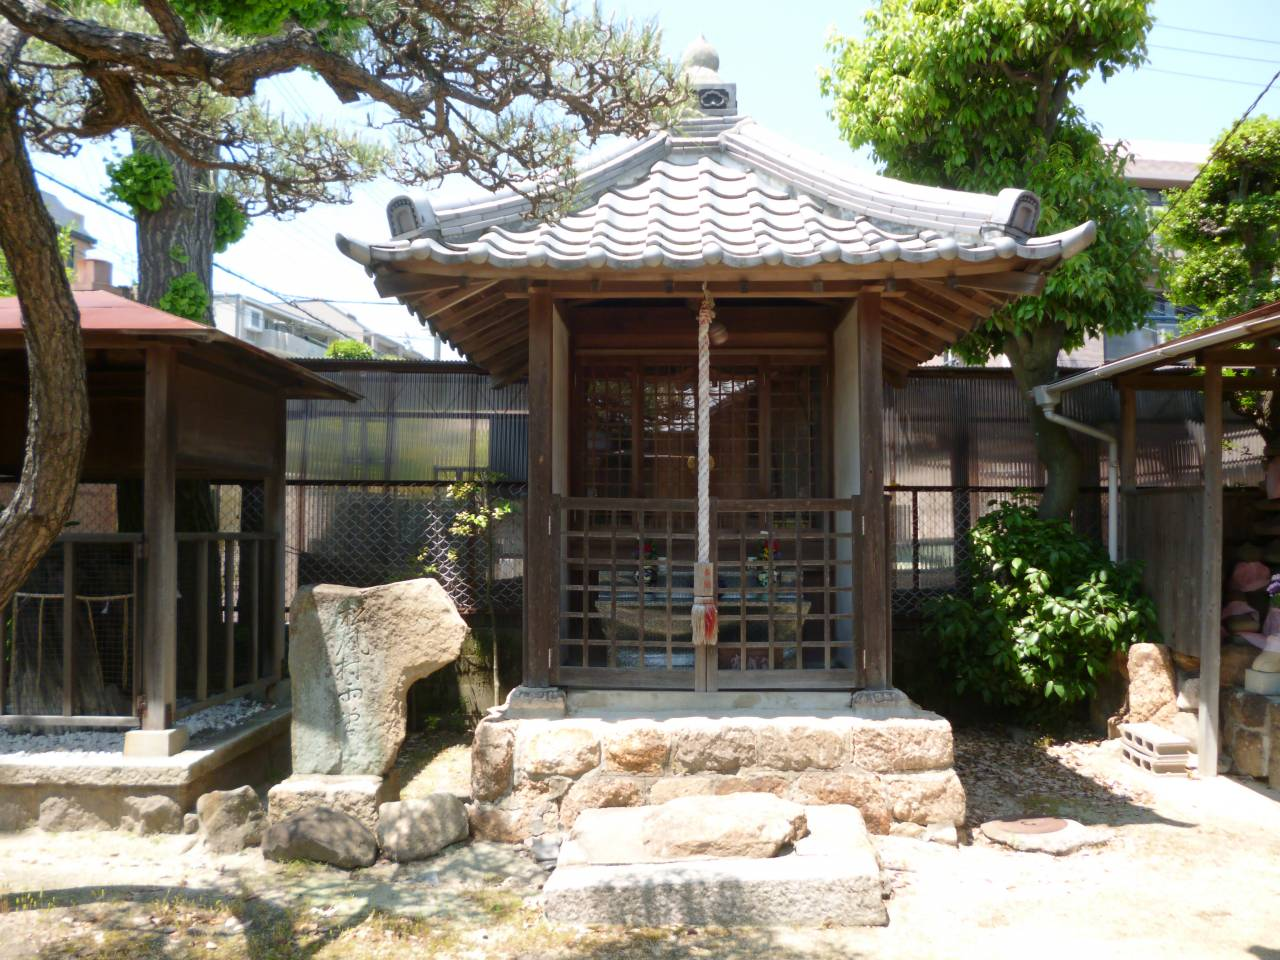 『伝説の須磨』に登場する神戸・須磨の「松風・村雨」をたどってみよう